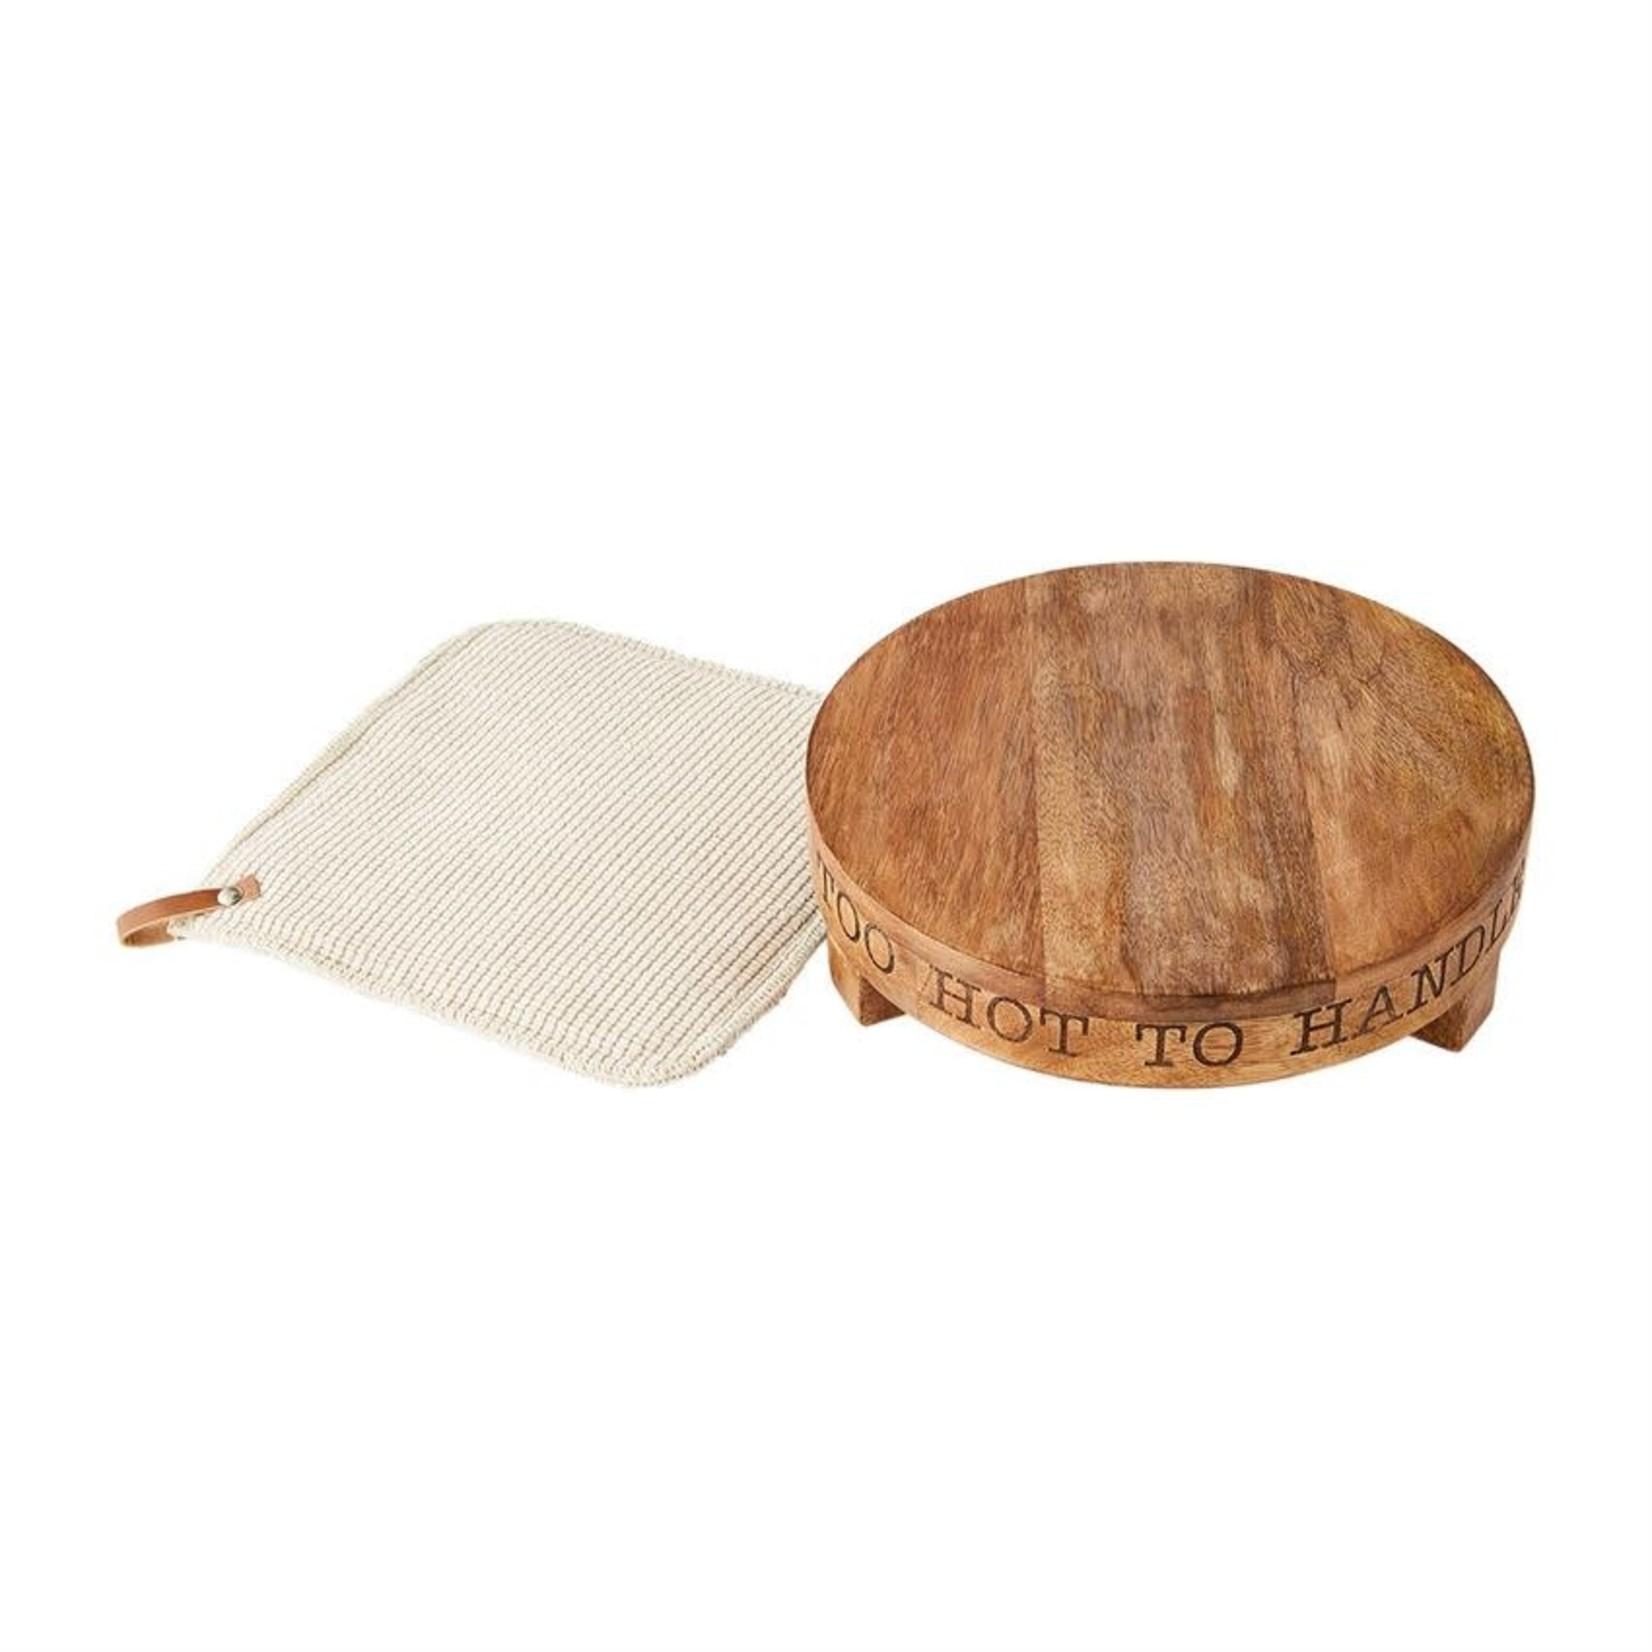 Trivet & Pot Holder Set